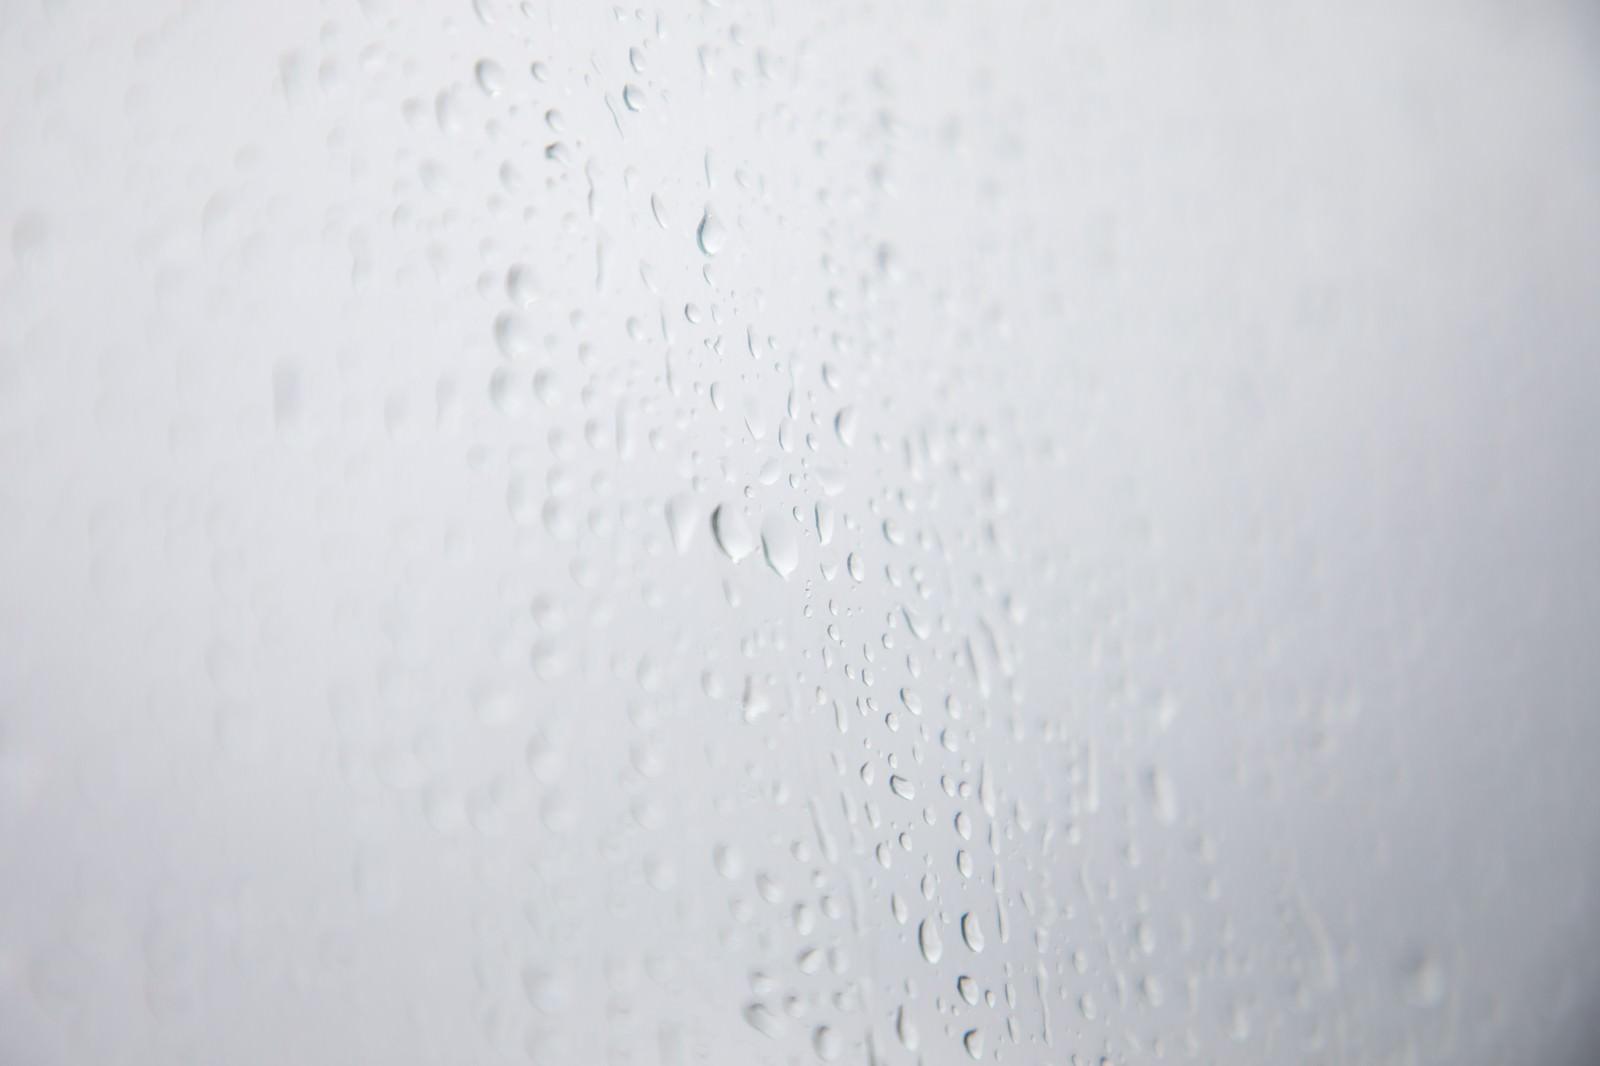 「雨の日の窓雨の日の窓」のフリー写真素材を拡大